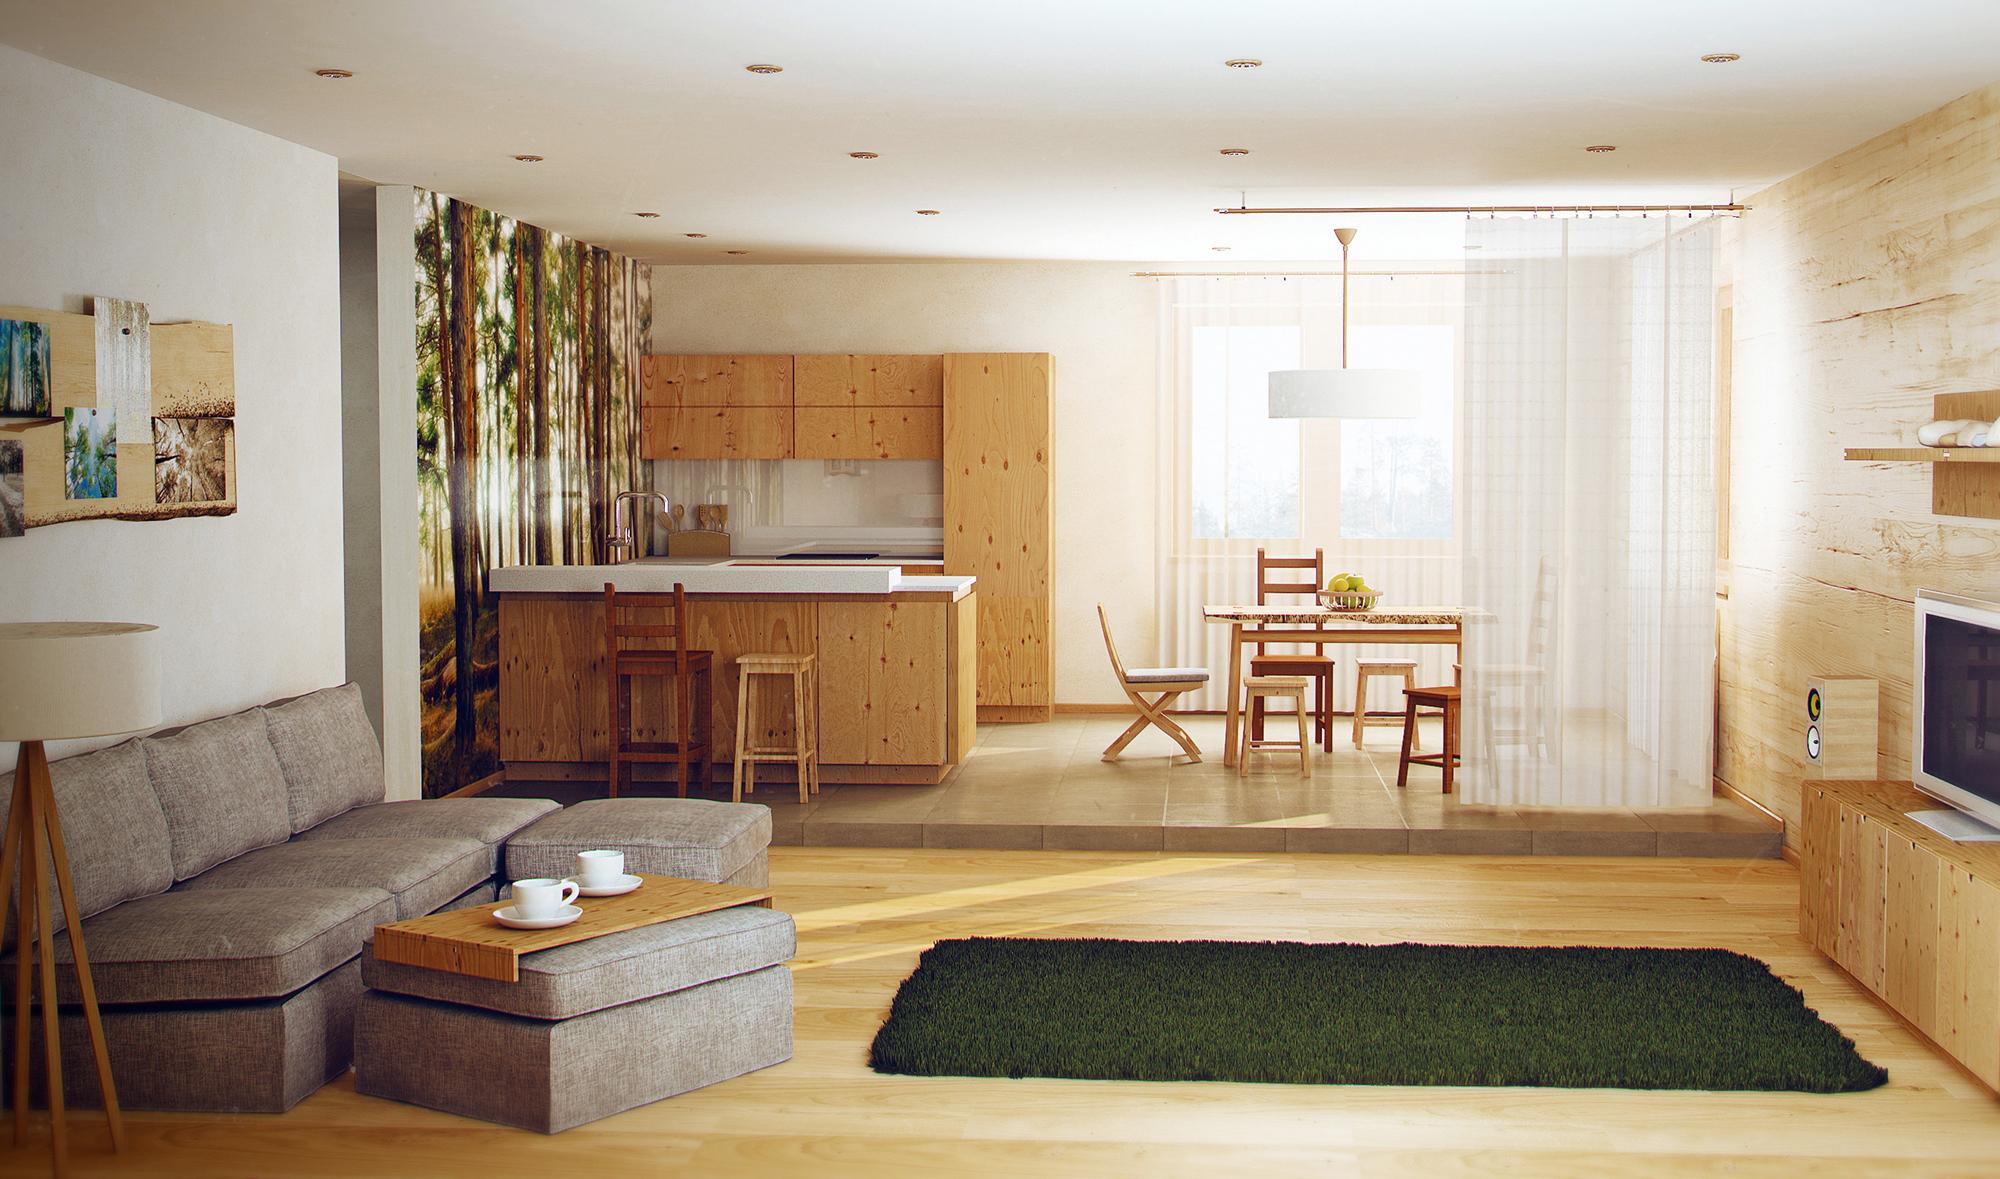 Небольшая квартира в эко-стиле